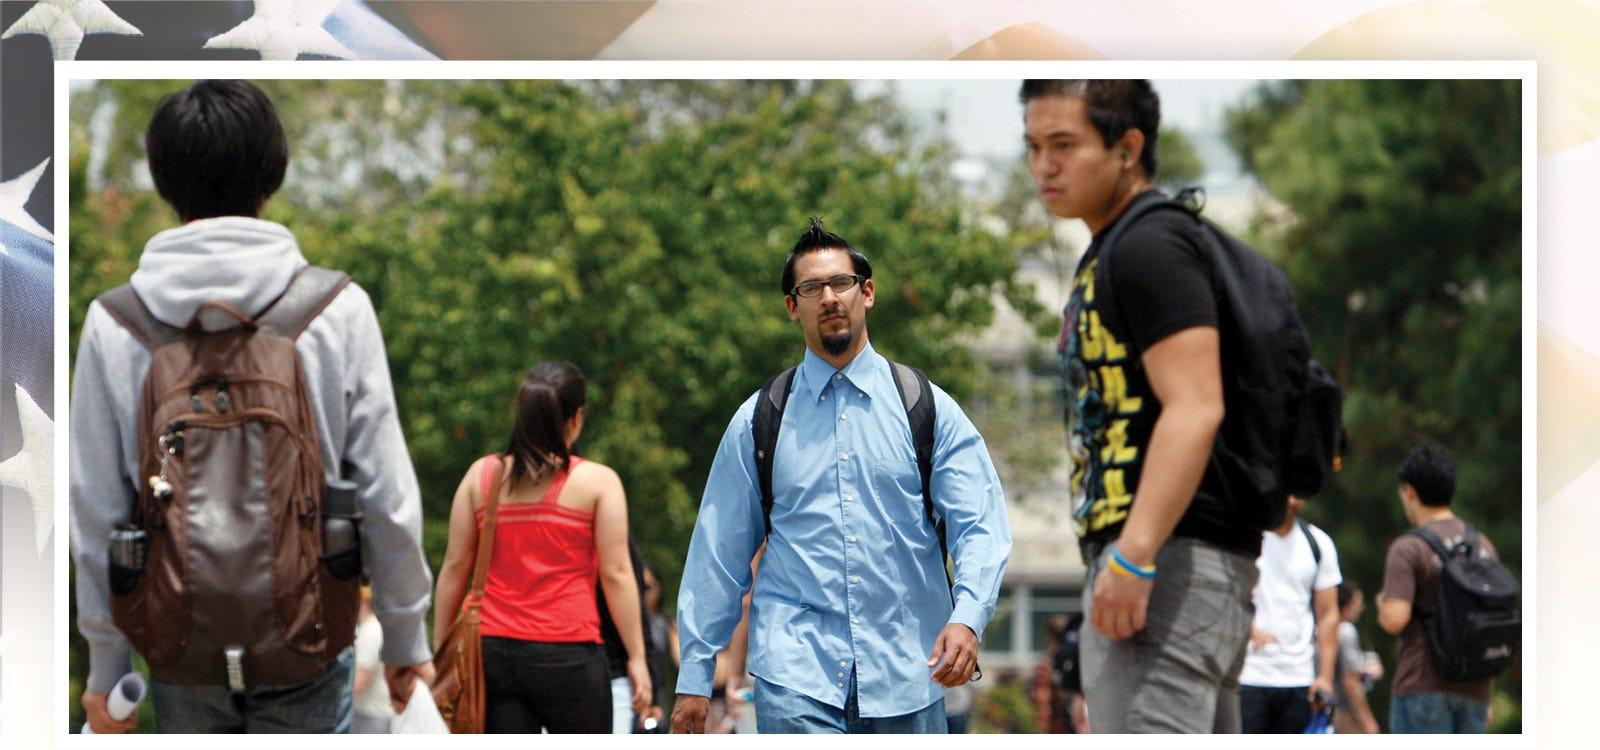 Roberto Rodríguez camina en el campus de la University of California-Riverside un día de junio del 2010 en Riverside, California.